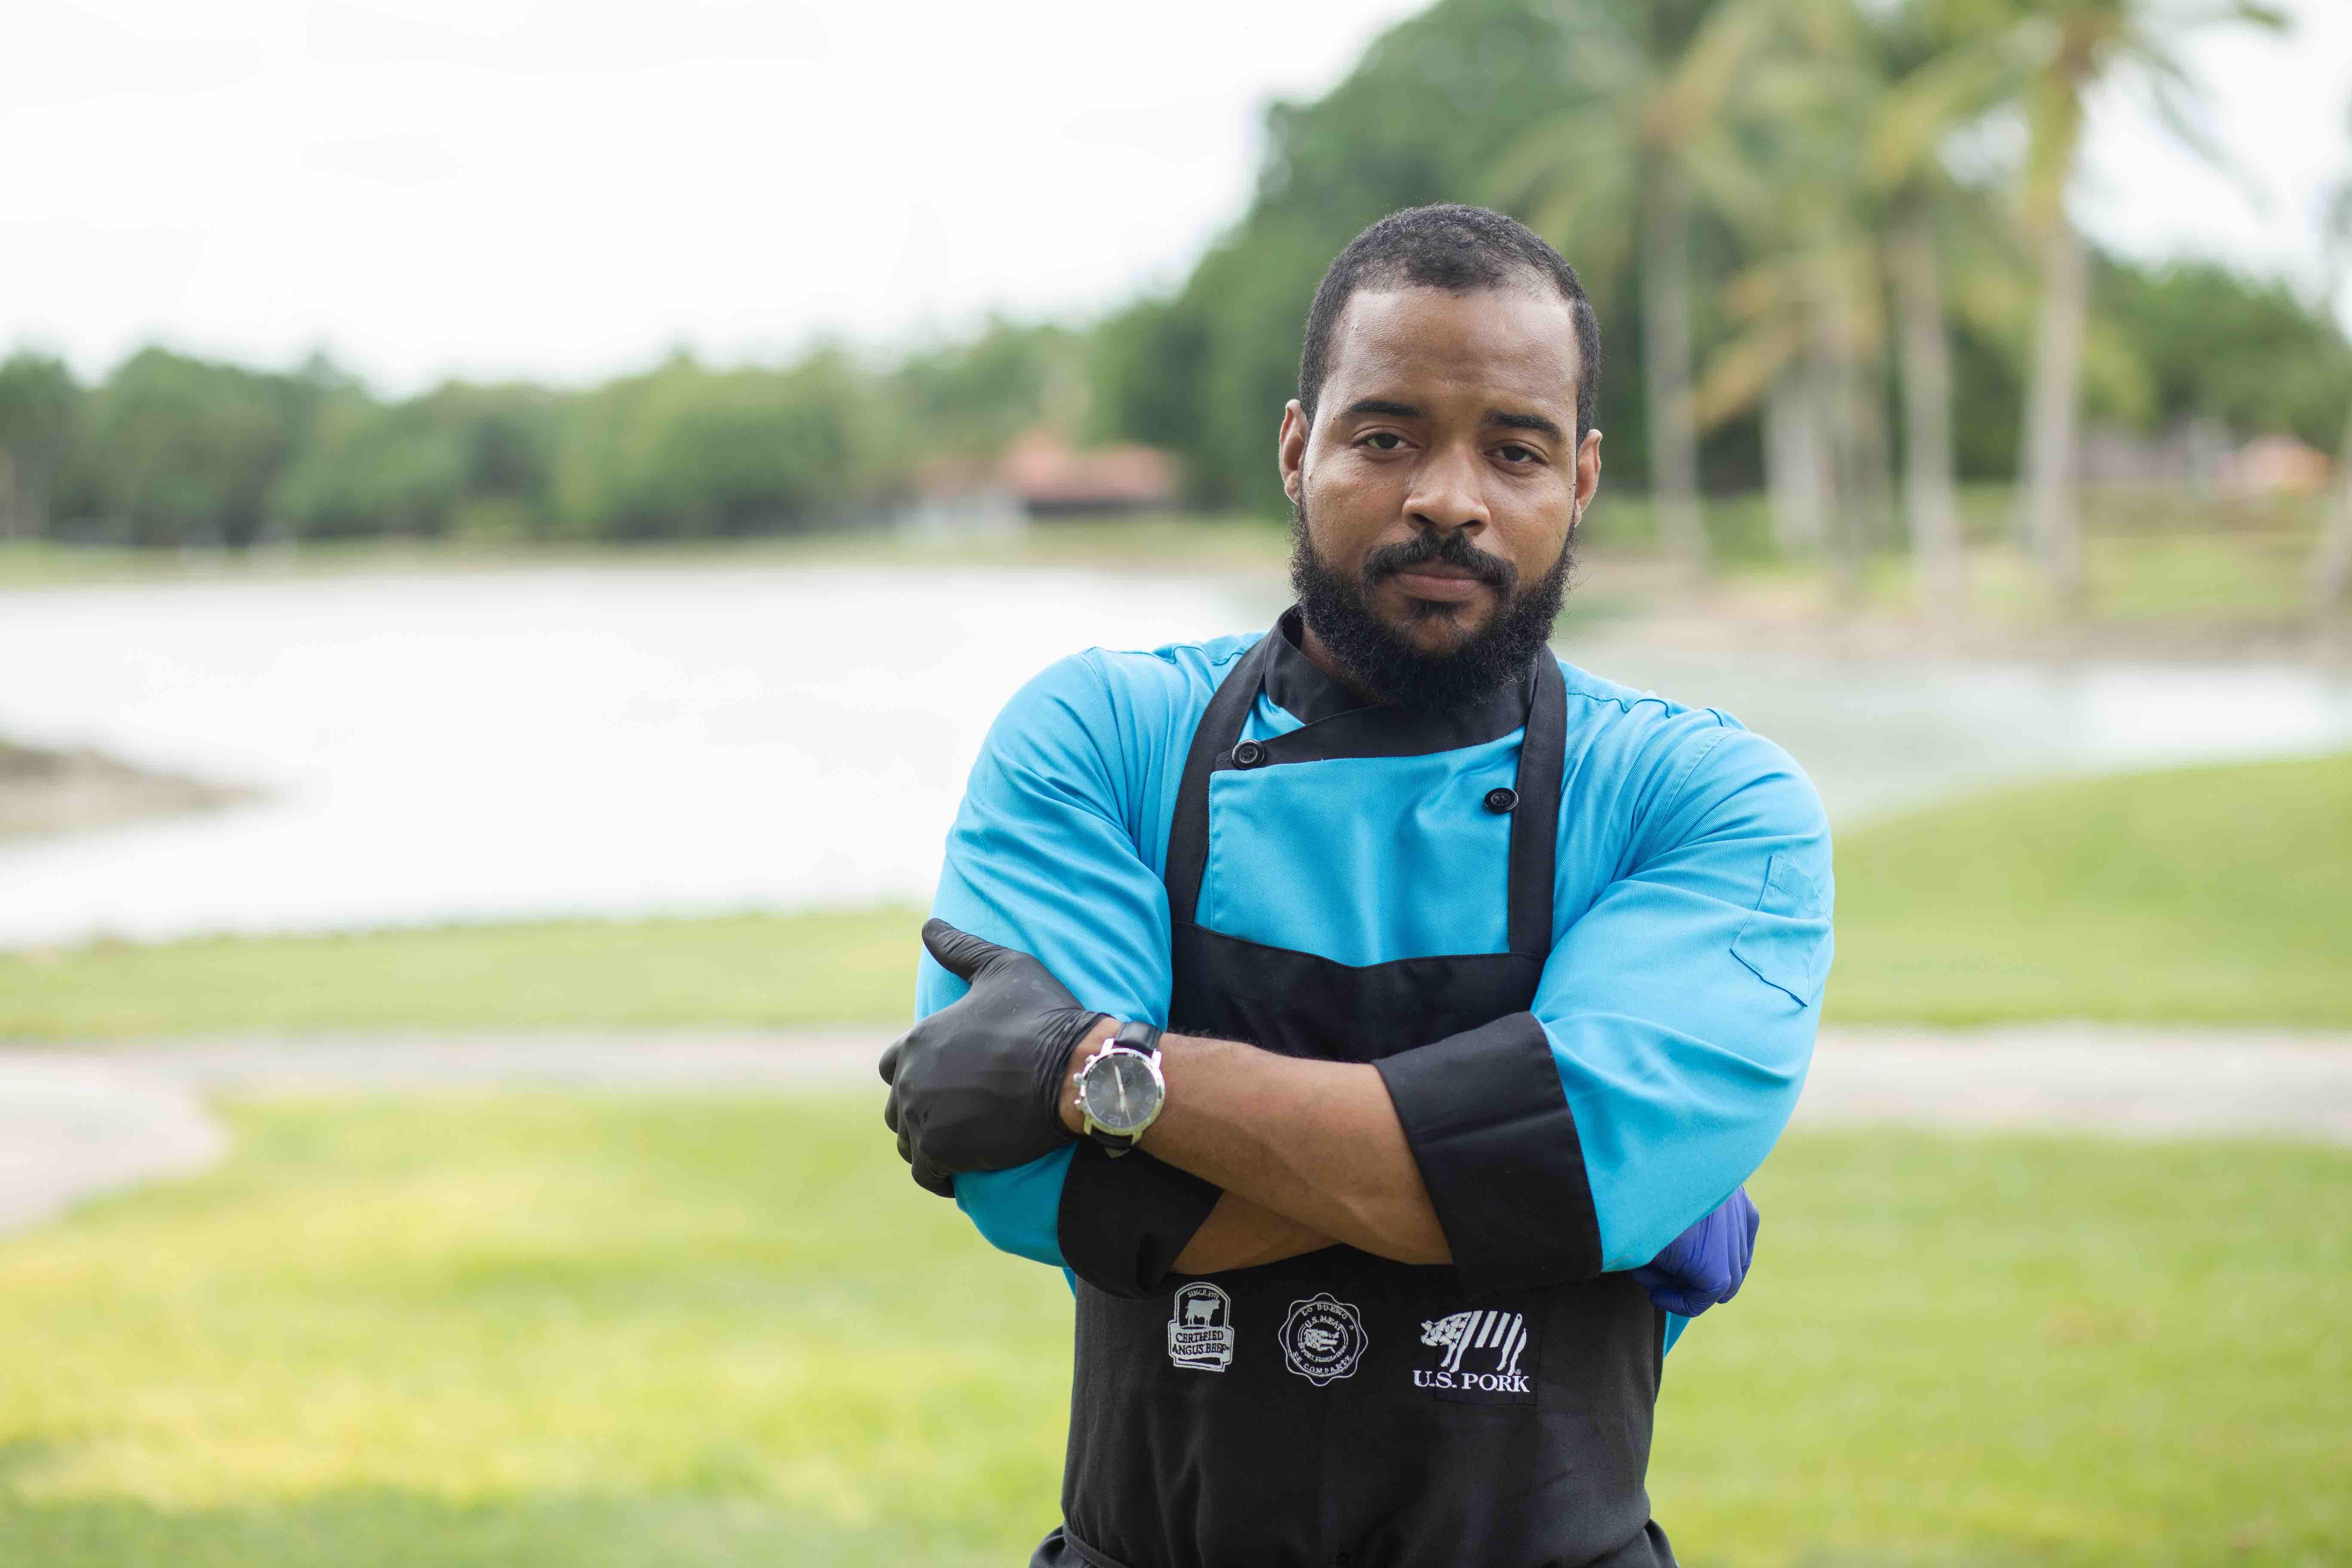 2. Chef Alexis Corporán Carreño